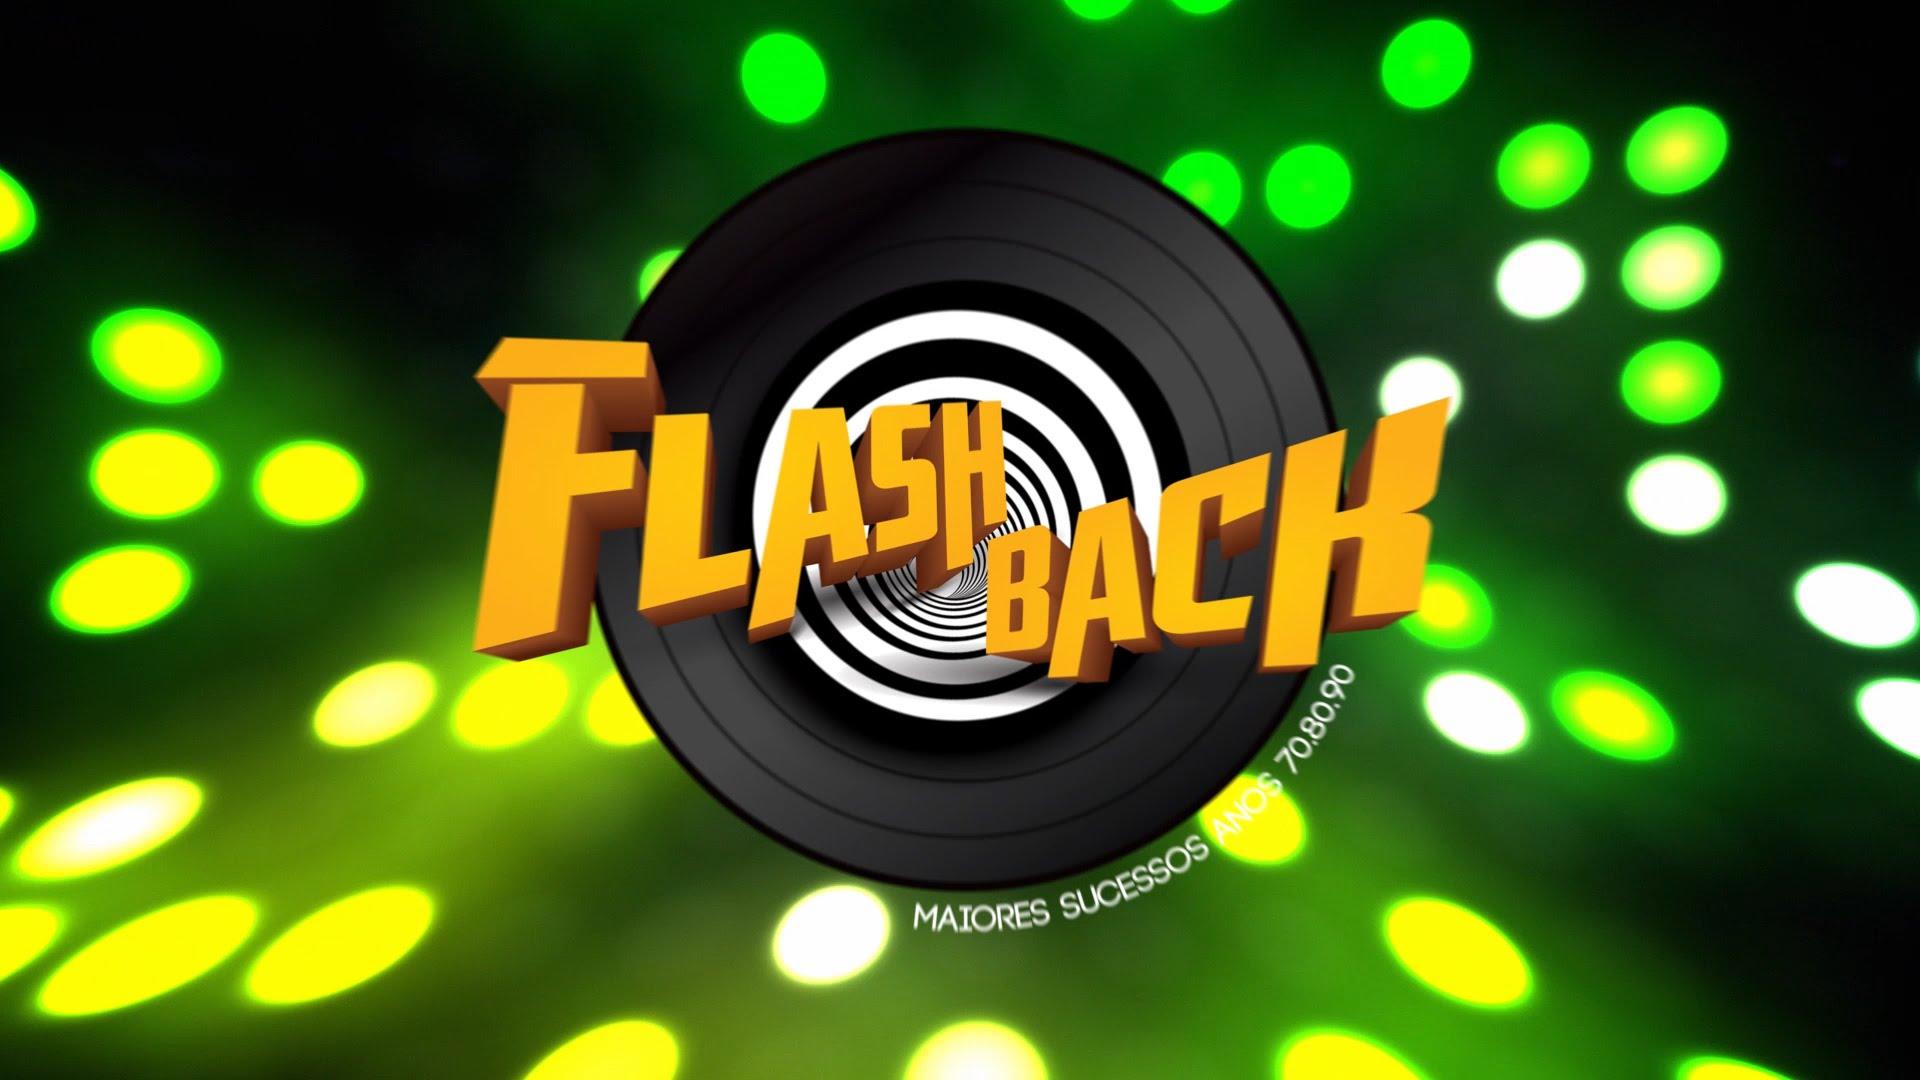 Flash Back 2016 - YouTube